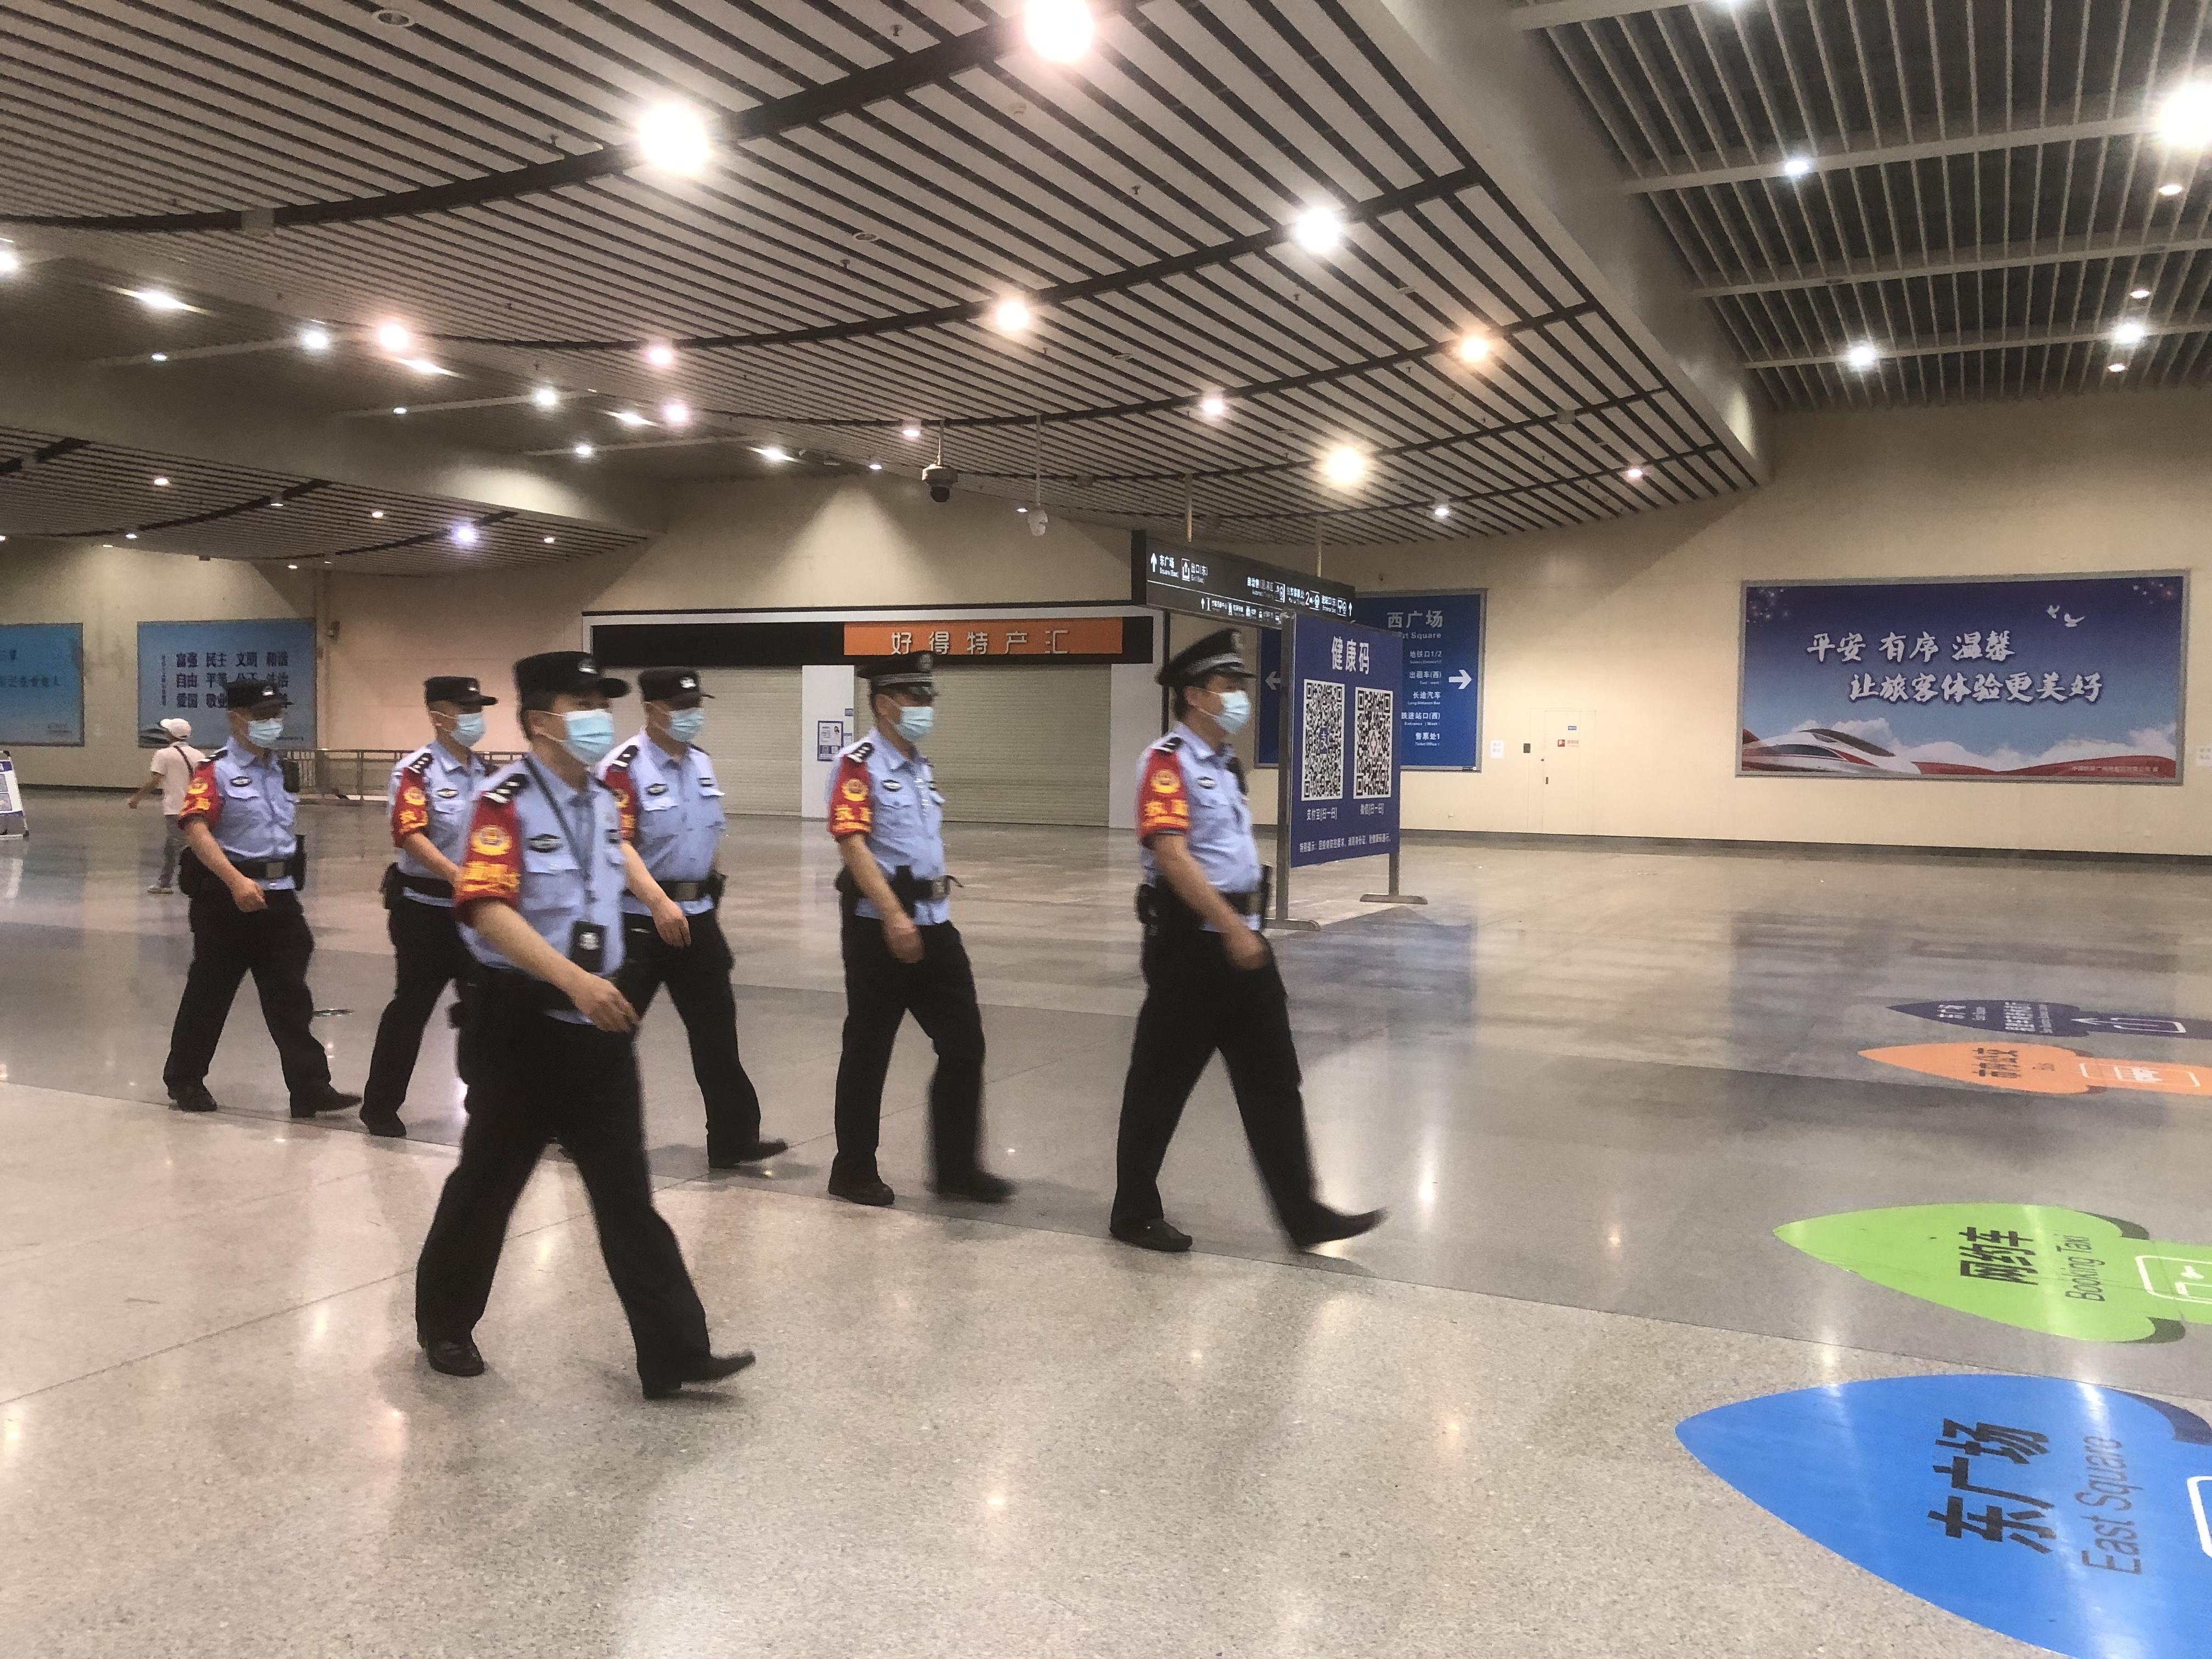 为期4个月!长沙火车南站铁警开展整治行动,严打这些行为……